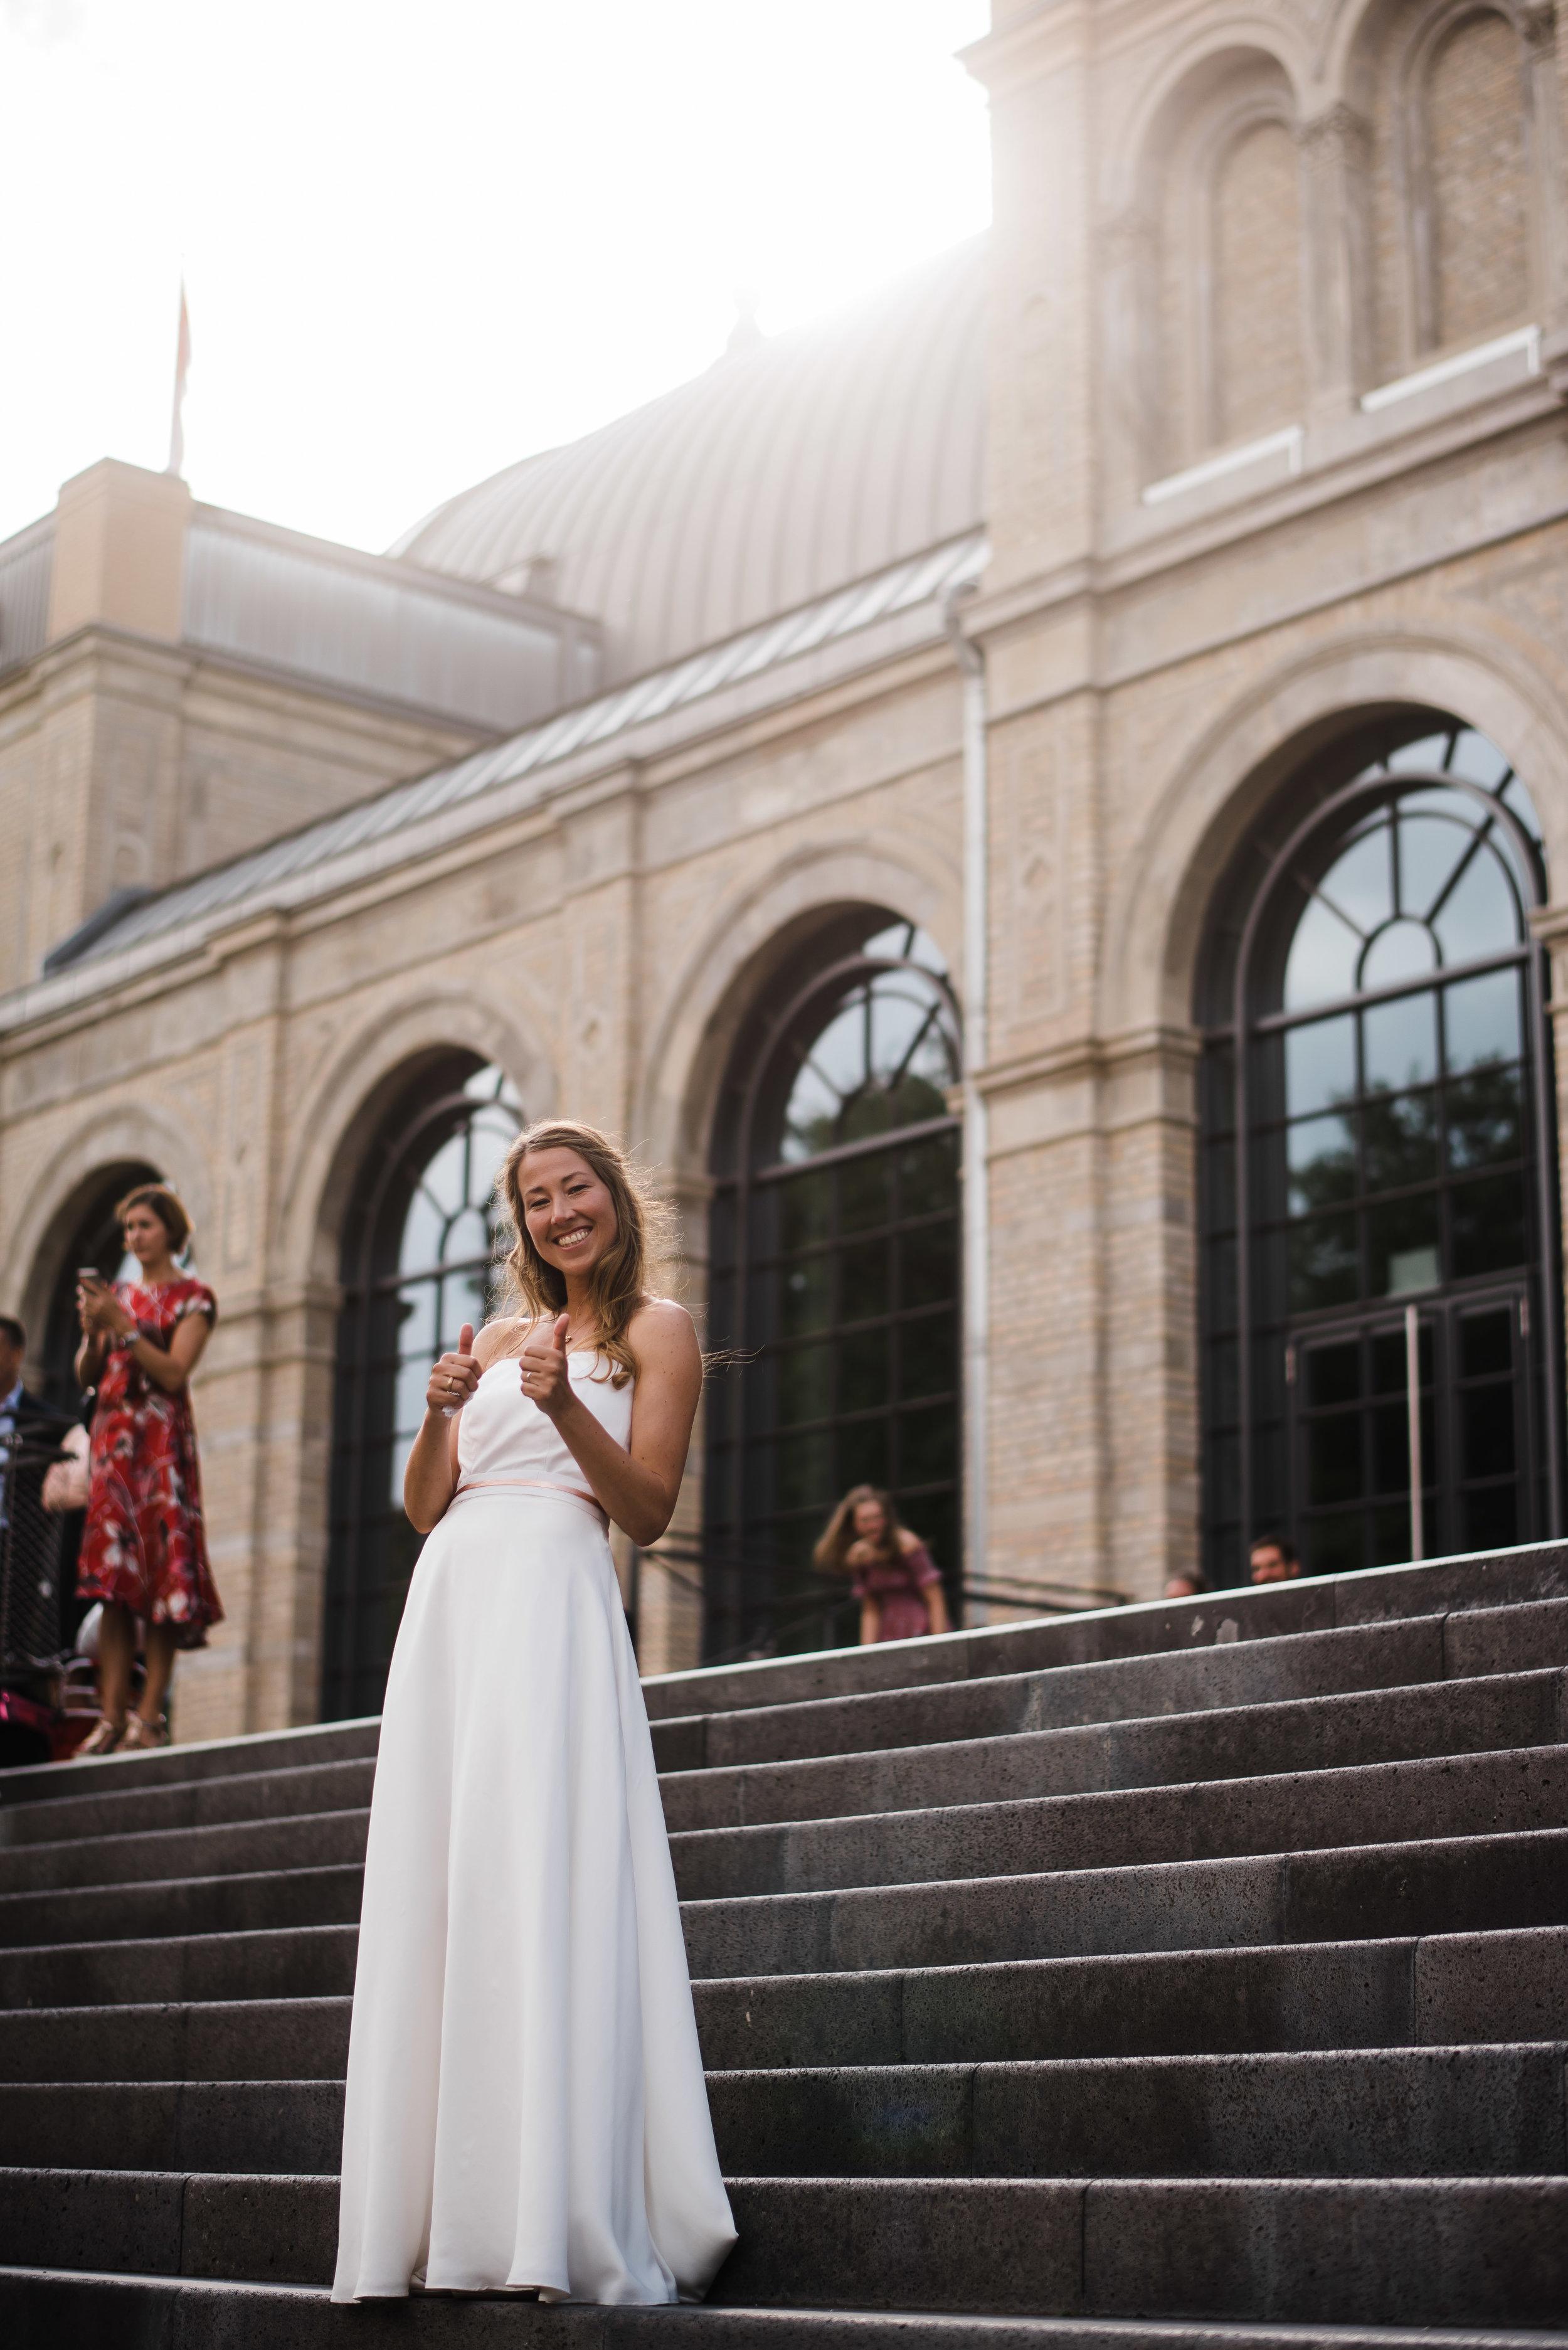 Portraits Flora Köln Cologne Germany Wedding Hochzeit Minneapolis Minnesota John Notman Photography-2306.jpg